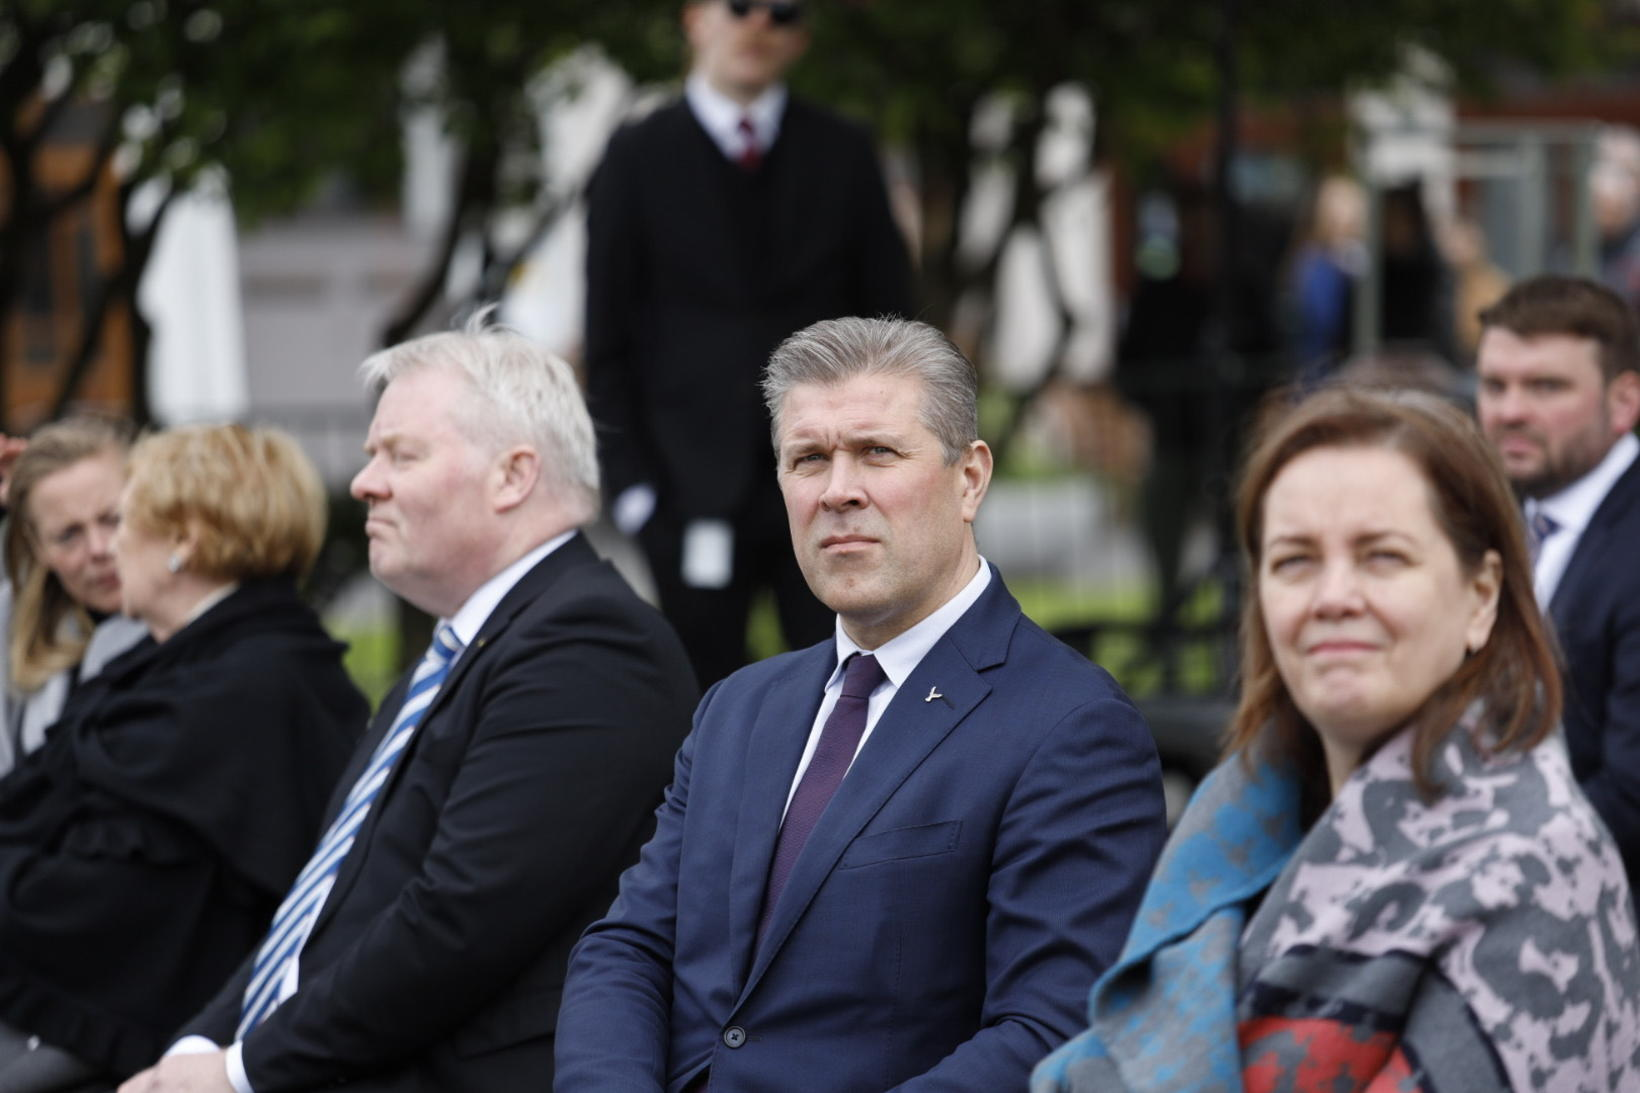 Ráðherrarnir Sigurður Ingi Jóhannesson, Bjarni Benediktsson og Svandís Svavarsdóttir.